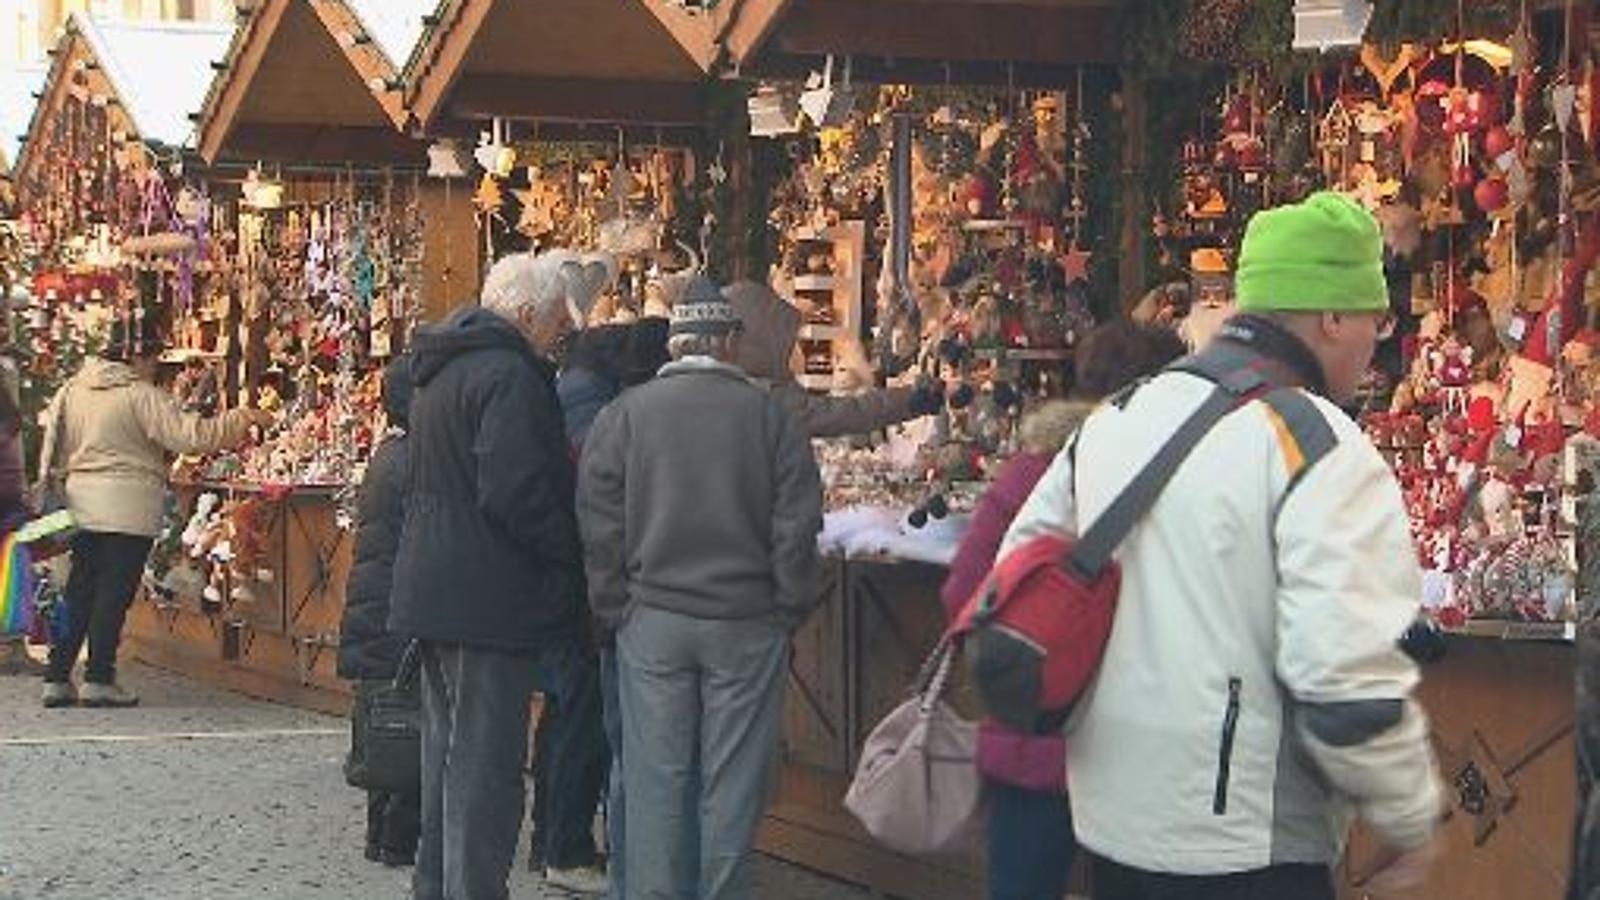 Vipiteno, un mercatino di Natale molto concentrato - Turismo ...